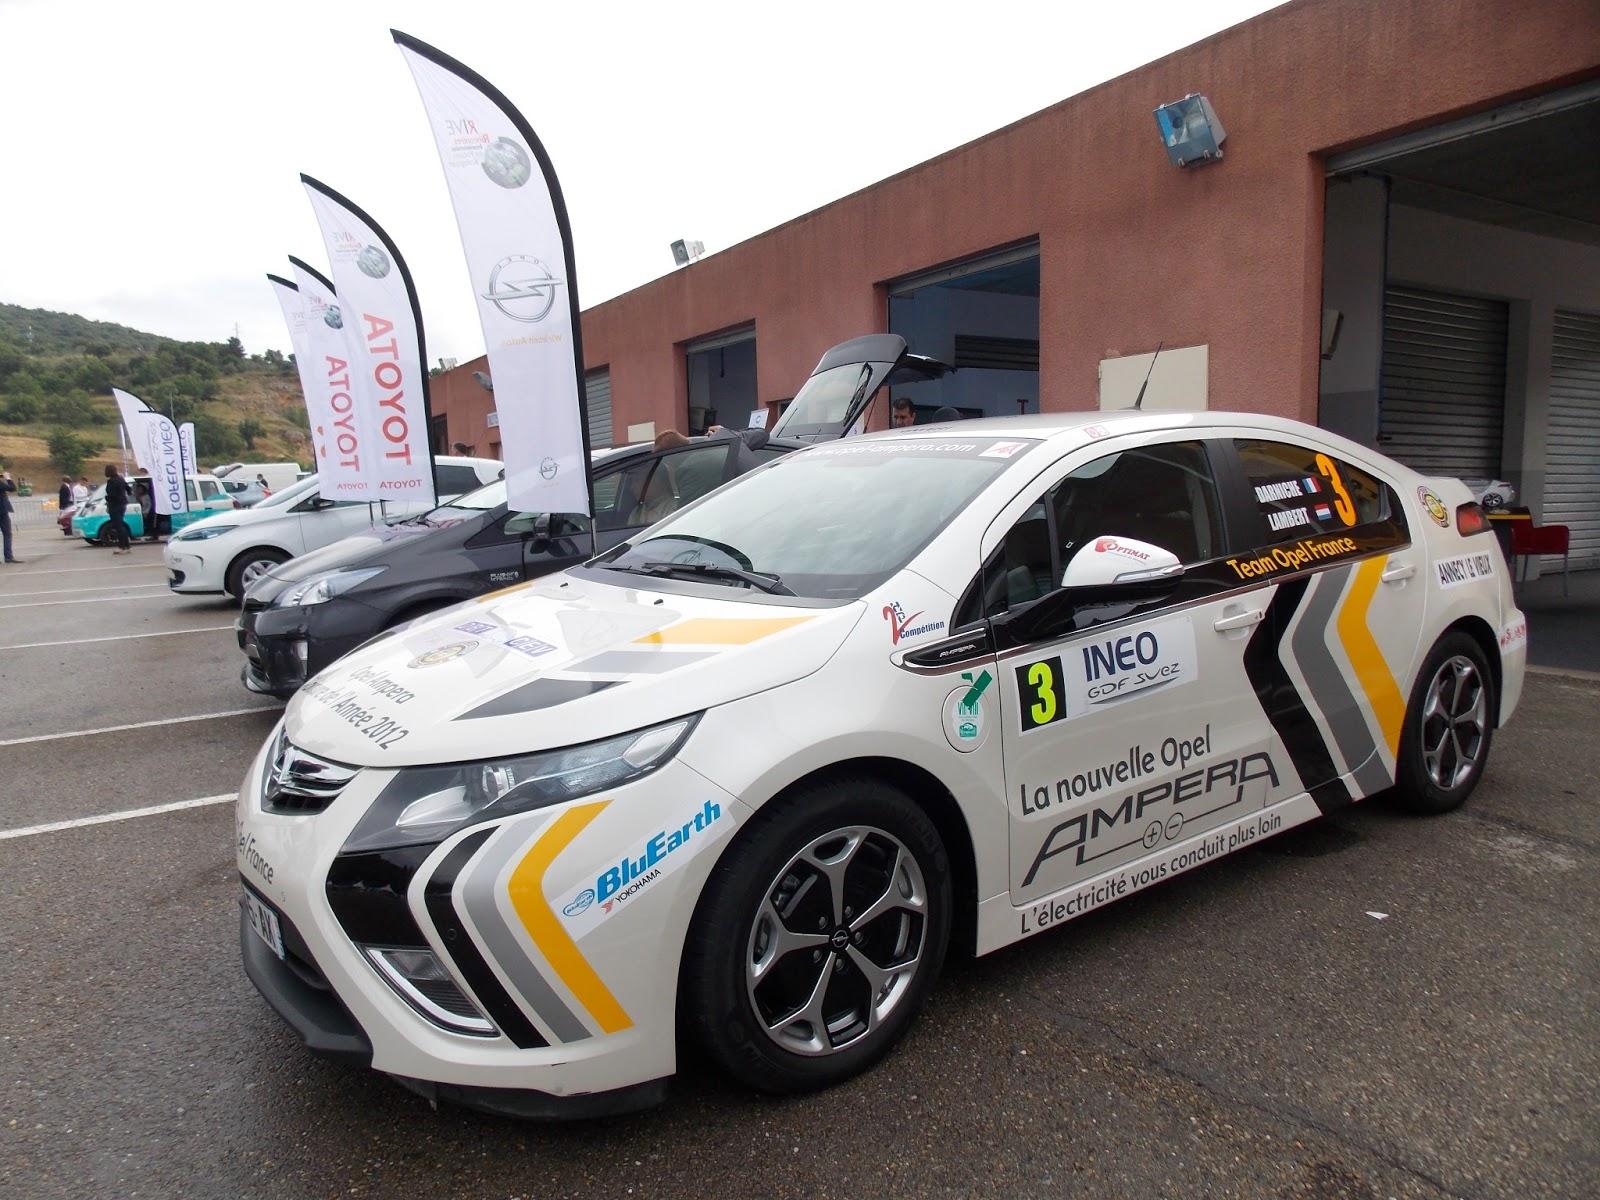 rencontres internationales des voitures ecologiques 2013